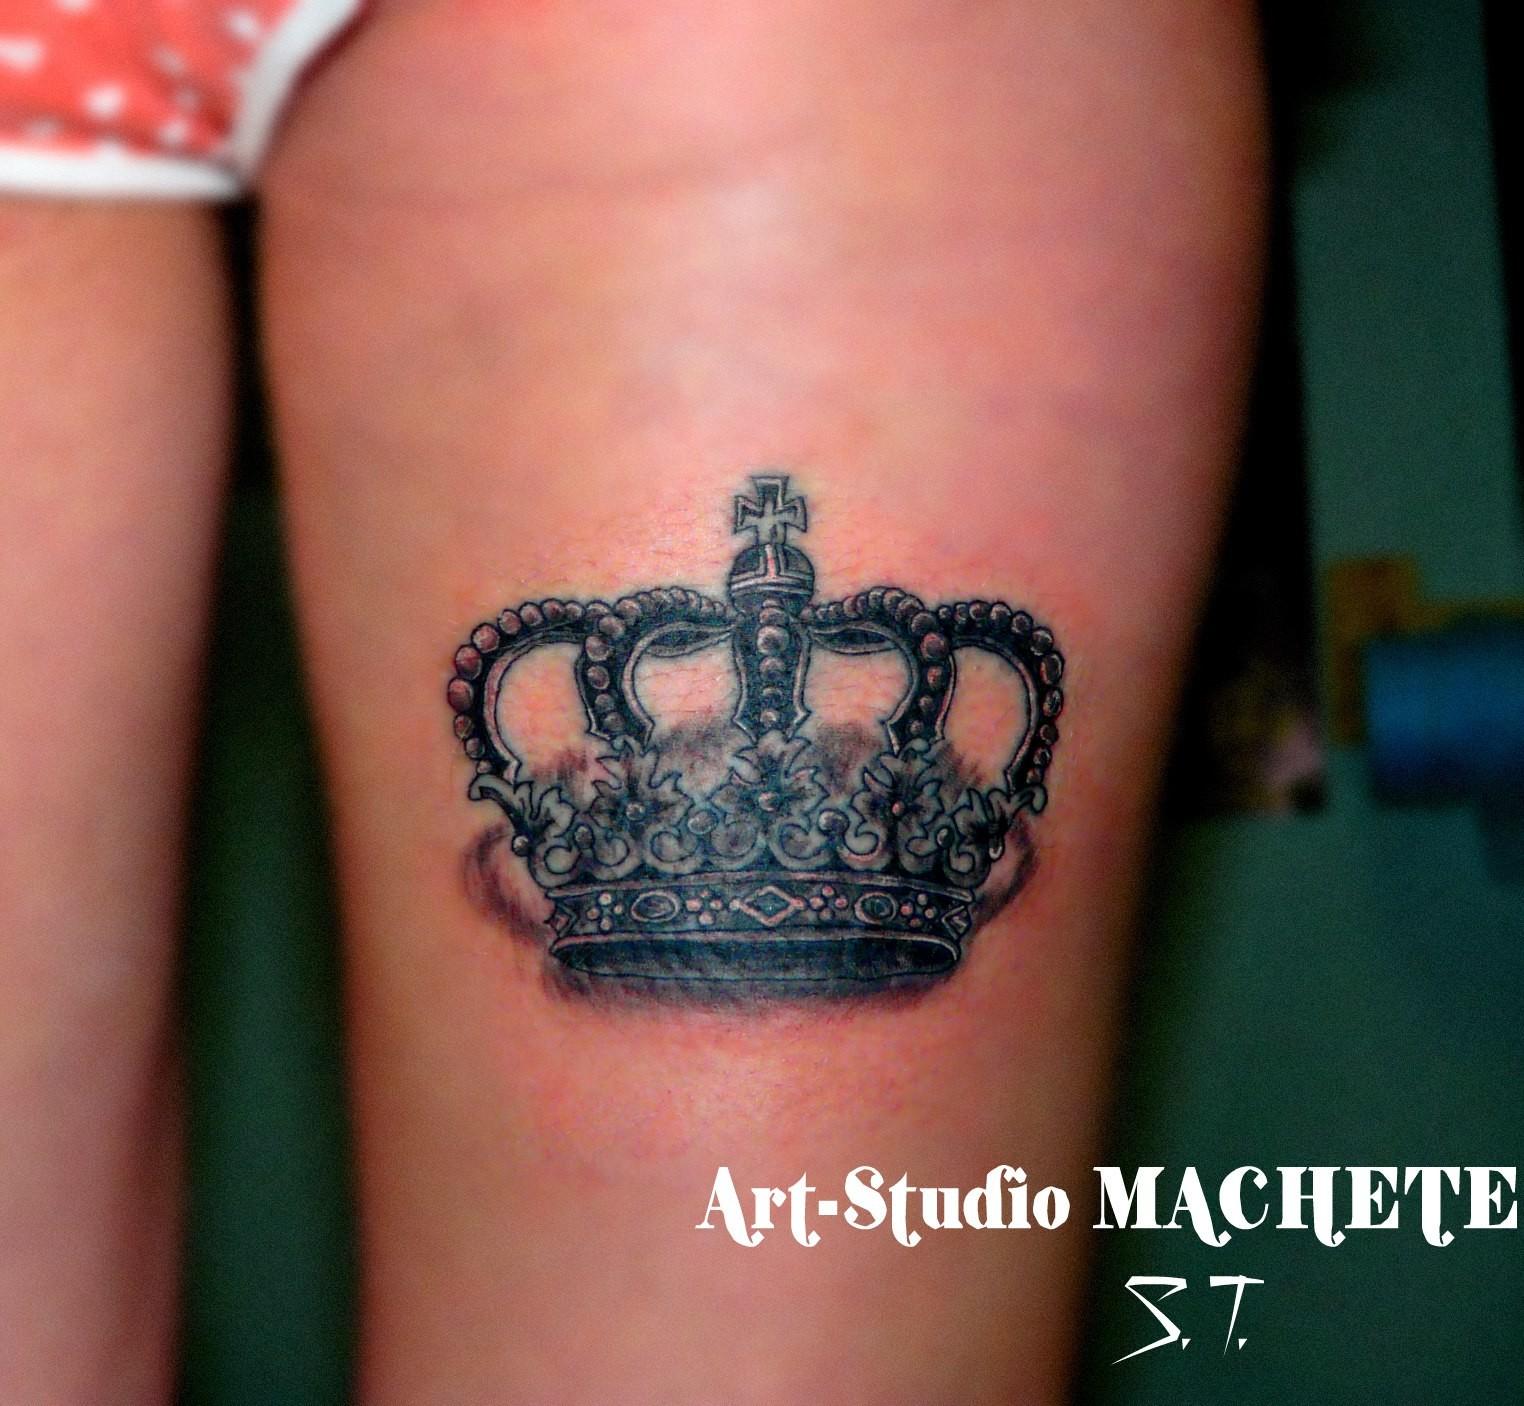 Татуировки с коронами - Фото татуировок - Татуировки 77